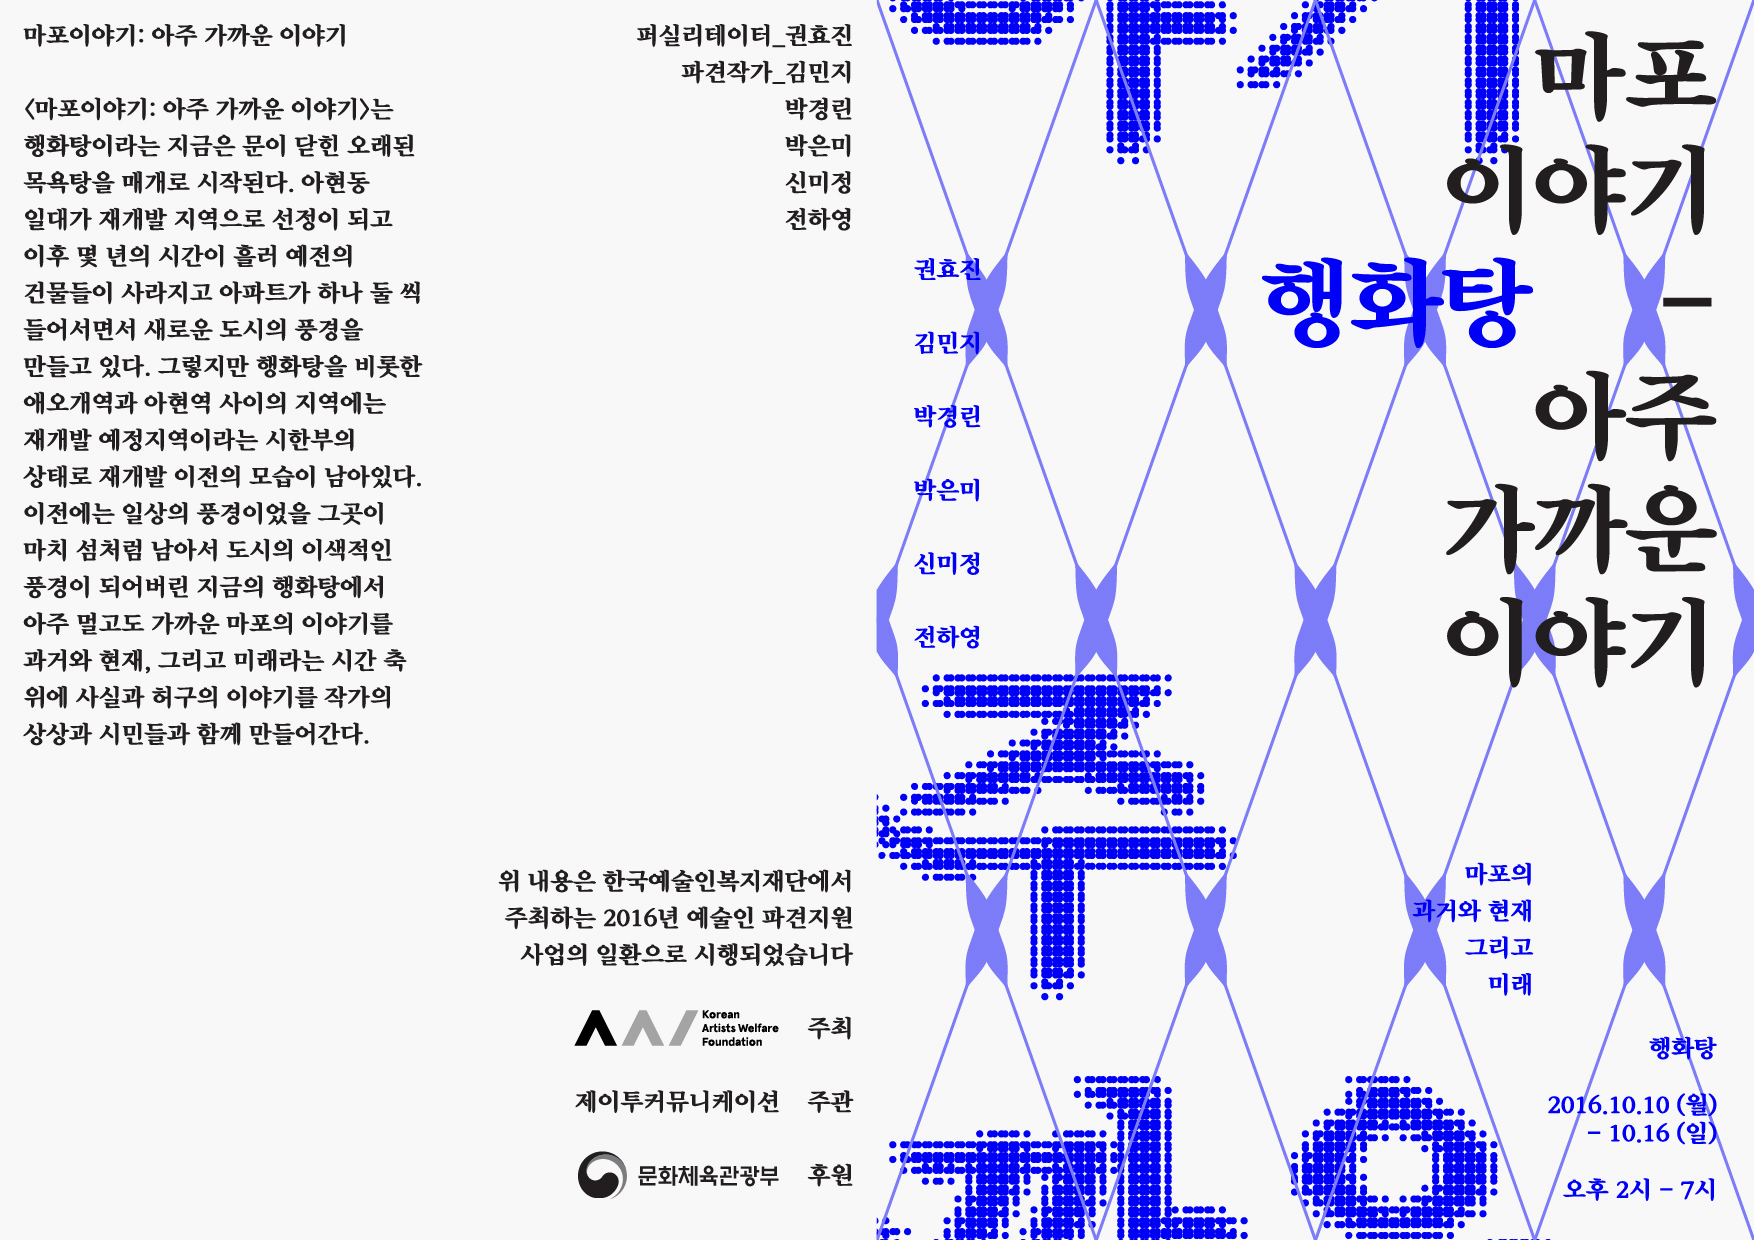 마포이야기-아주가까운이야기_리플렛 2종 (참고용 파일)-03